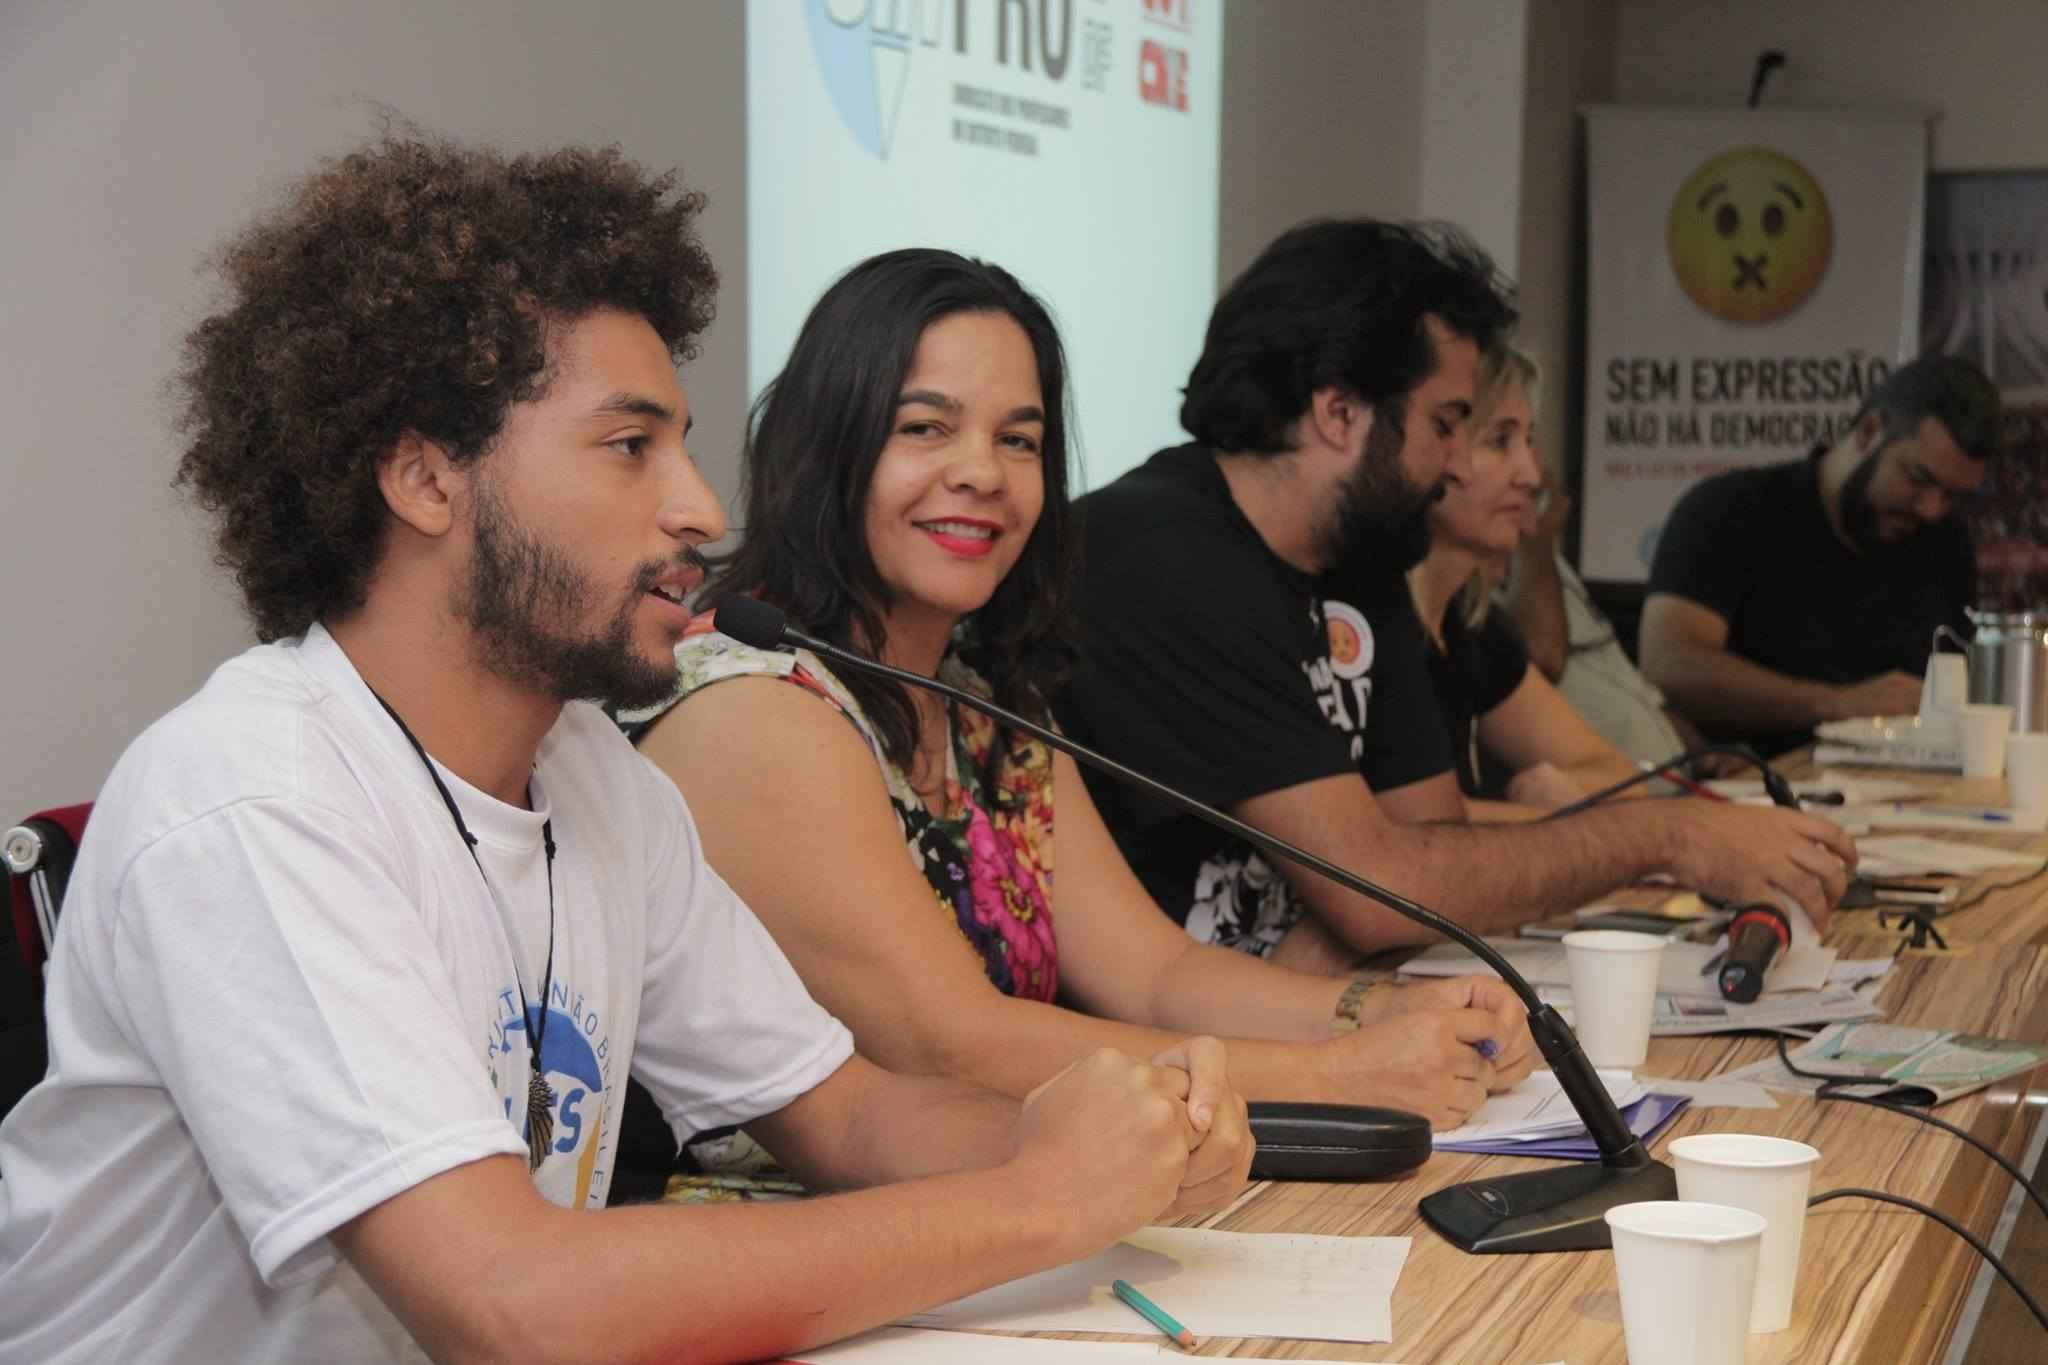 No Distrito Federal, estudantes compõem Frente em Defesa da Educação, dos Direitos e da Democracia